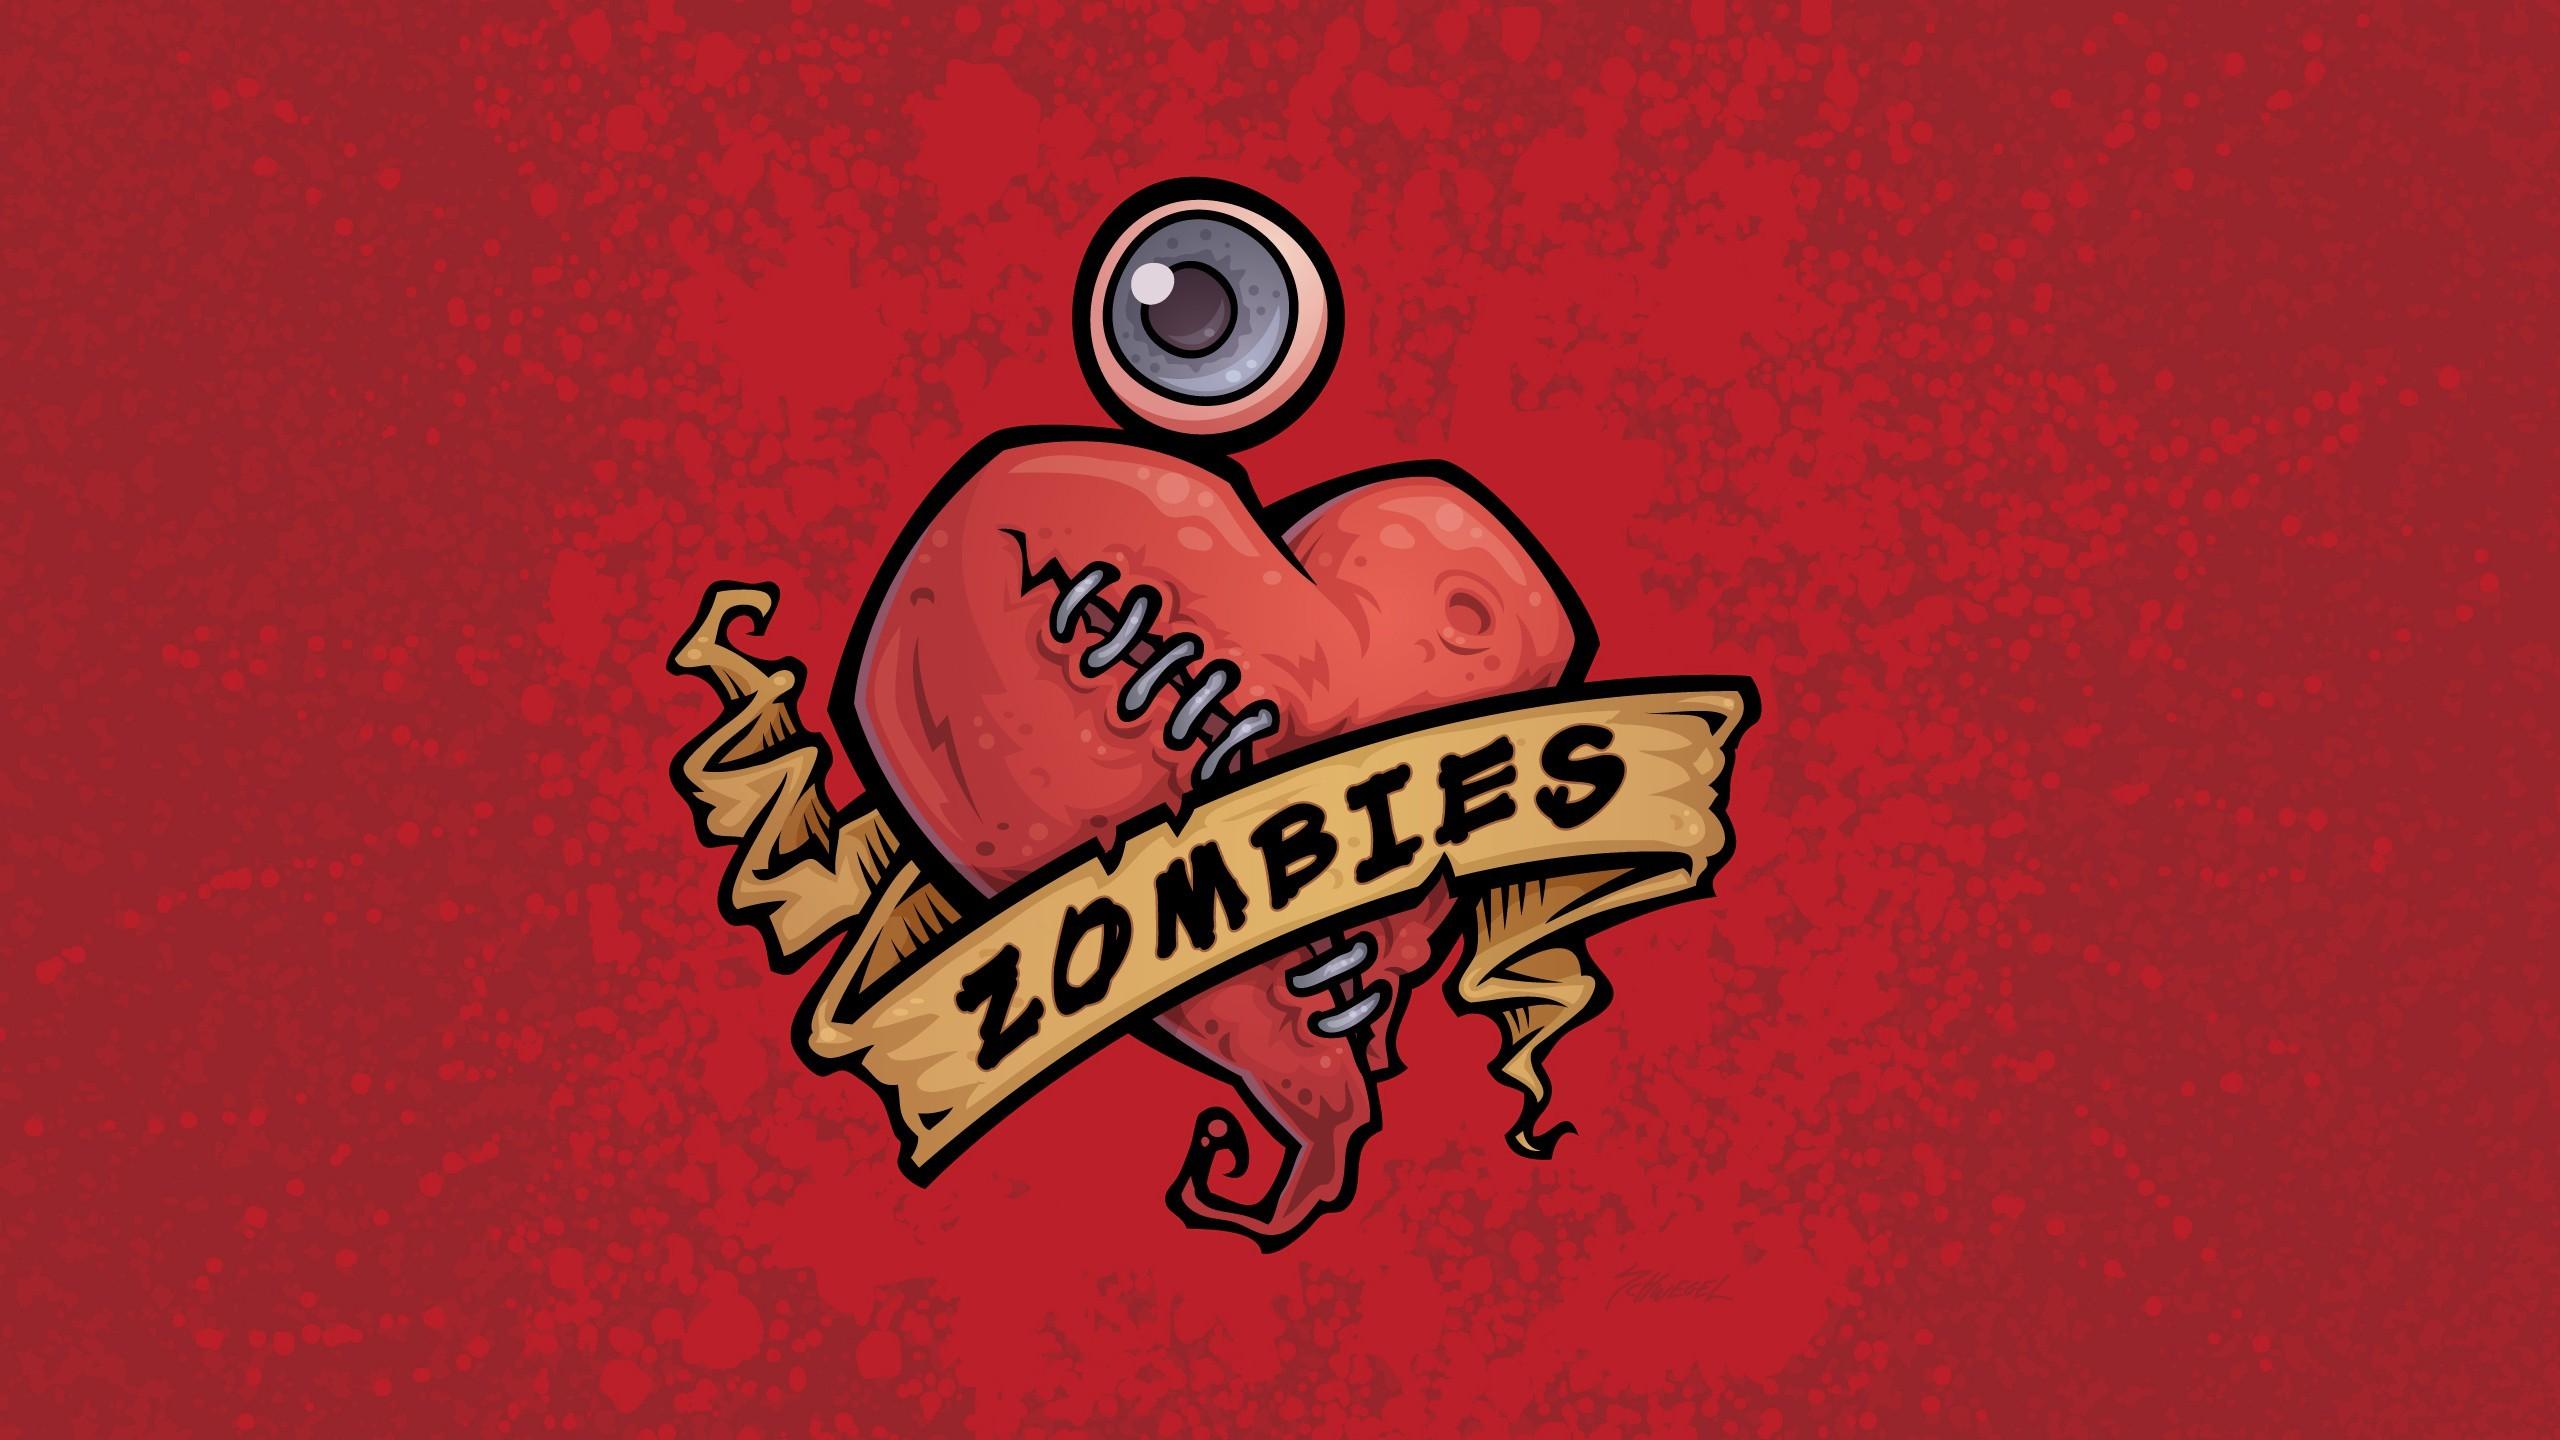 1920x1080 1920x1080 latest zombie wallpaper